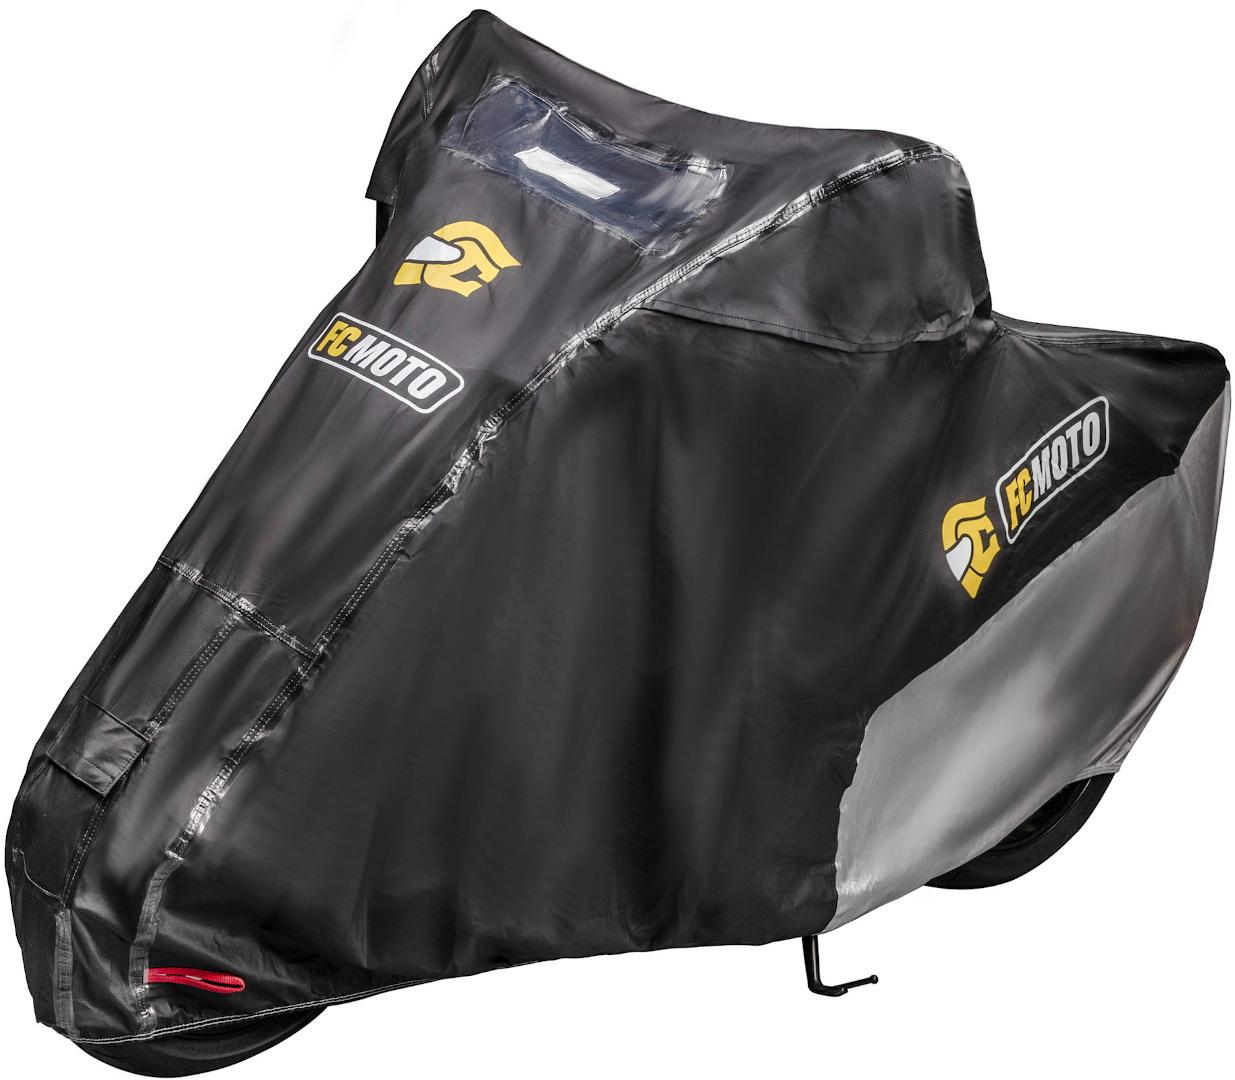 FC-Moto Premium Motorrad Abdeckplane, schwarz, Größe XL, schwarz, Größe XL